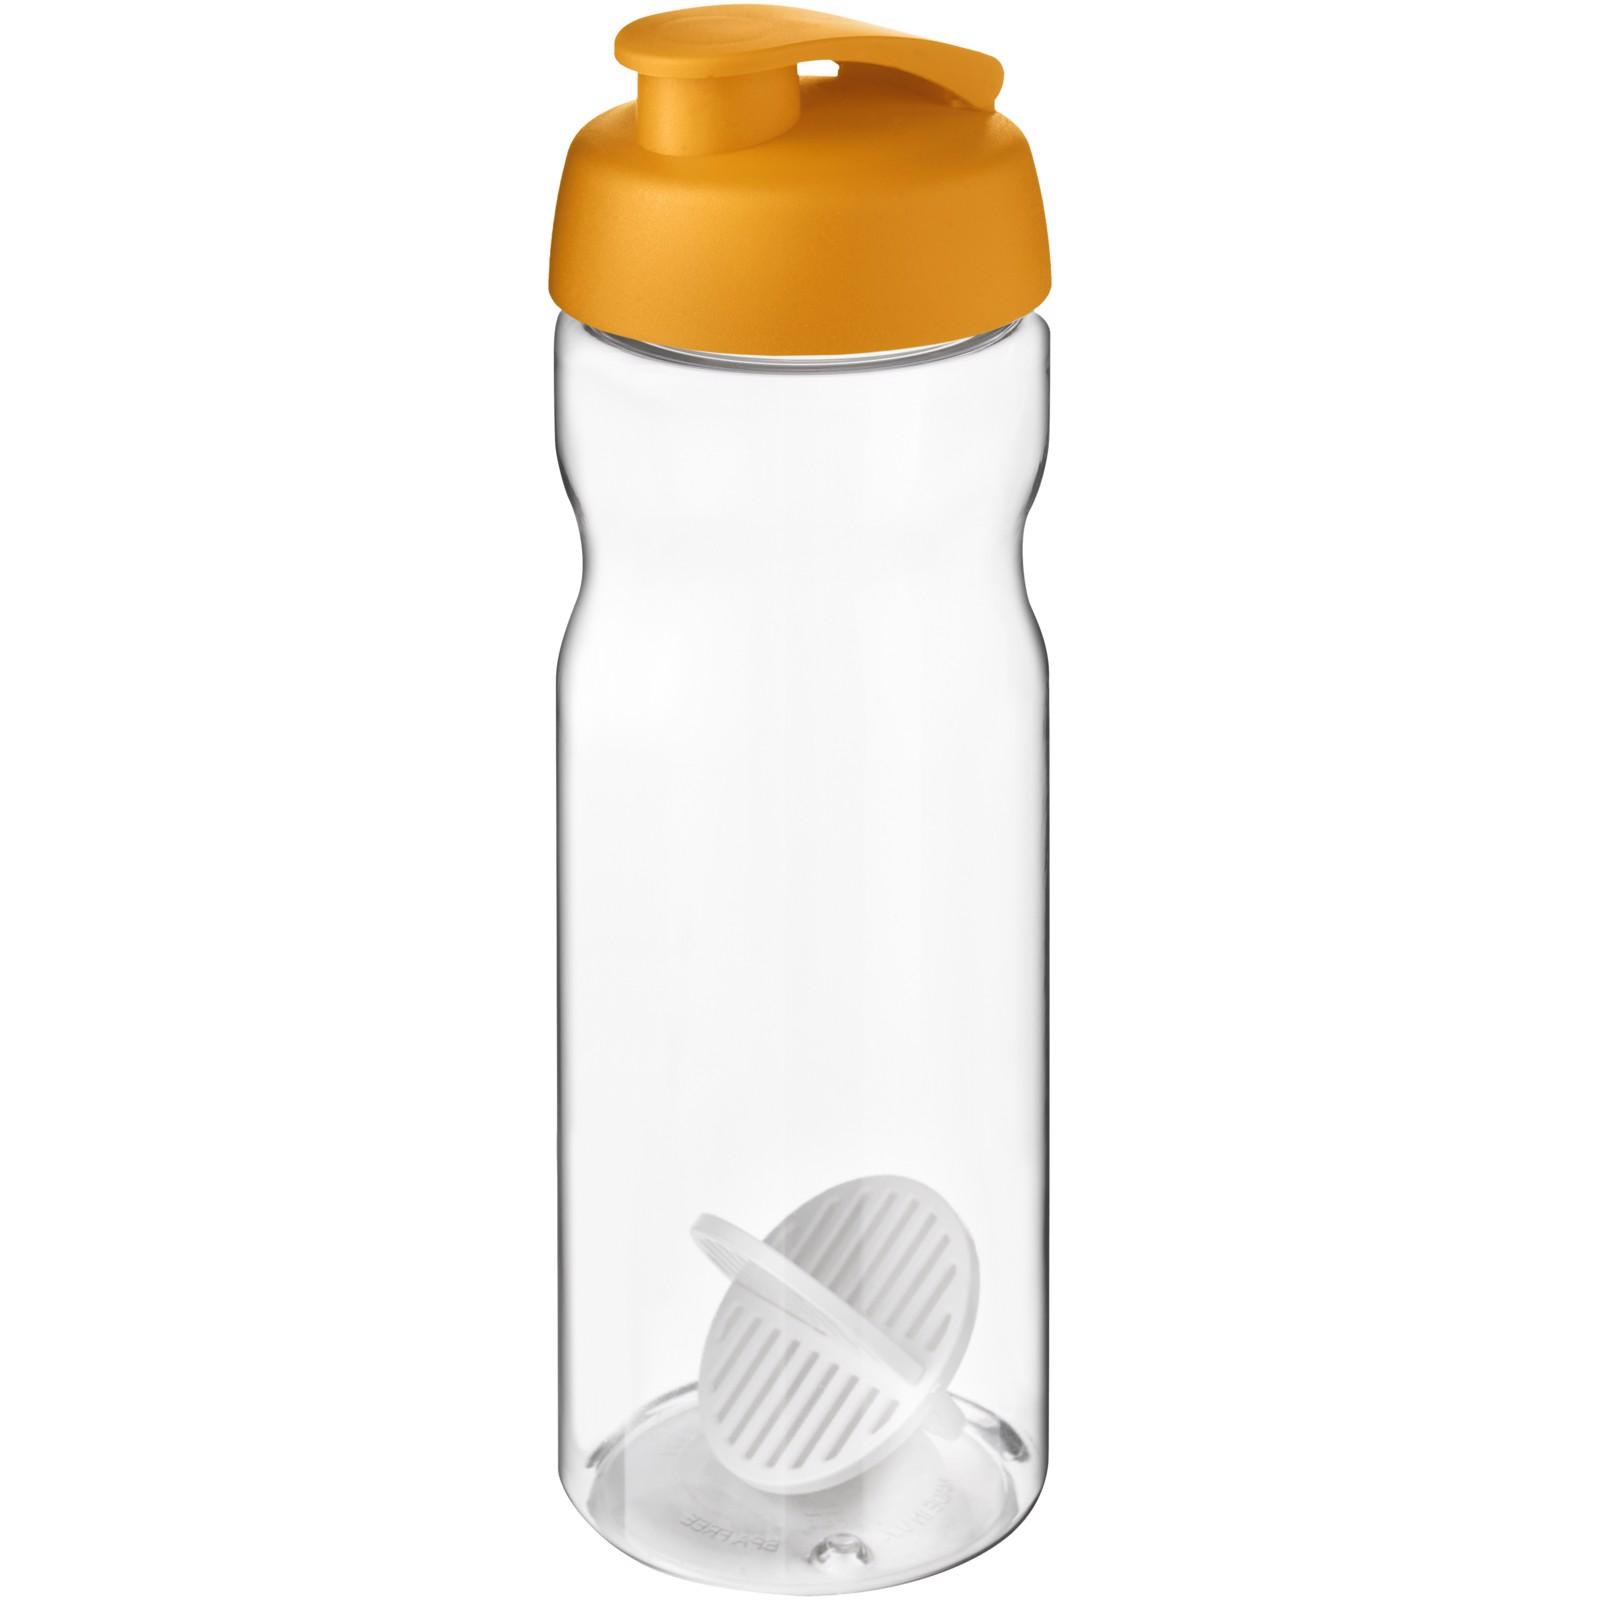 H2O Active Base 650 ml shaker bottle - Orange / Transparent